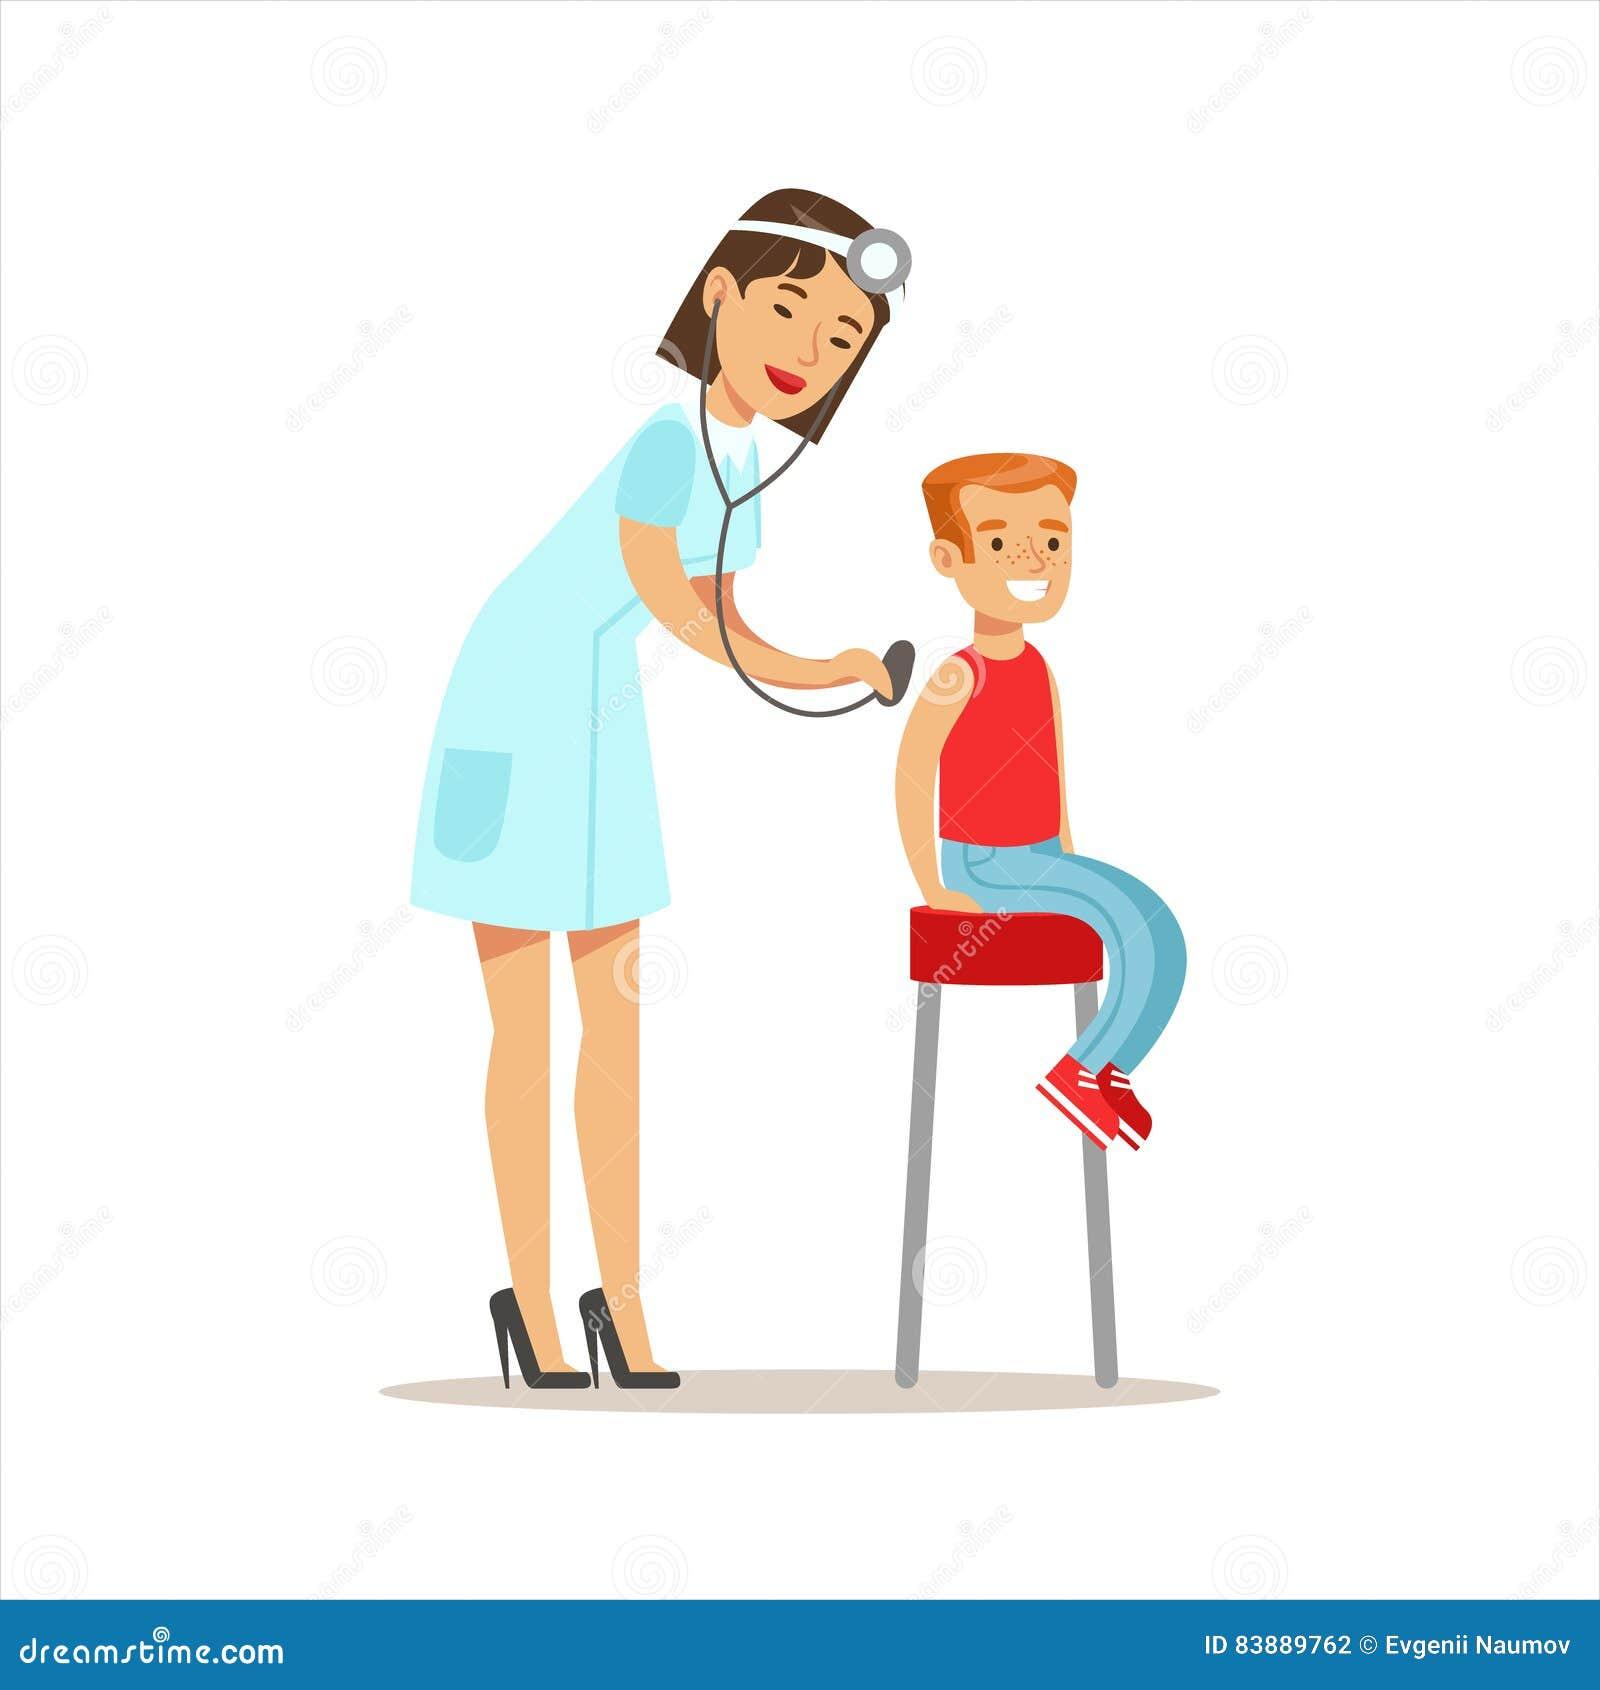 Menino verificado com o Sthetoscope no controle médico com o doutor fêmea Doing Physical Examination do pediatra pre